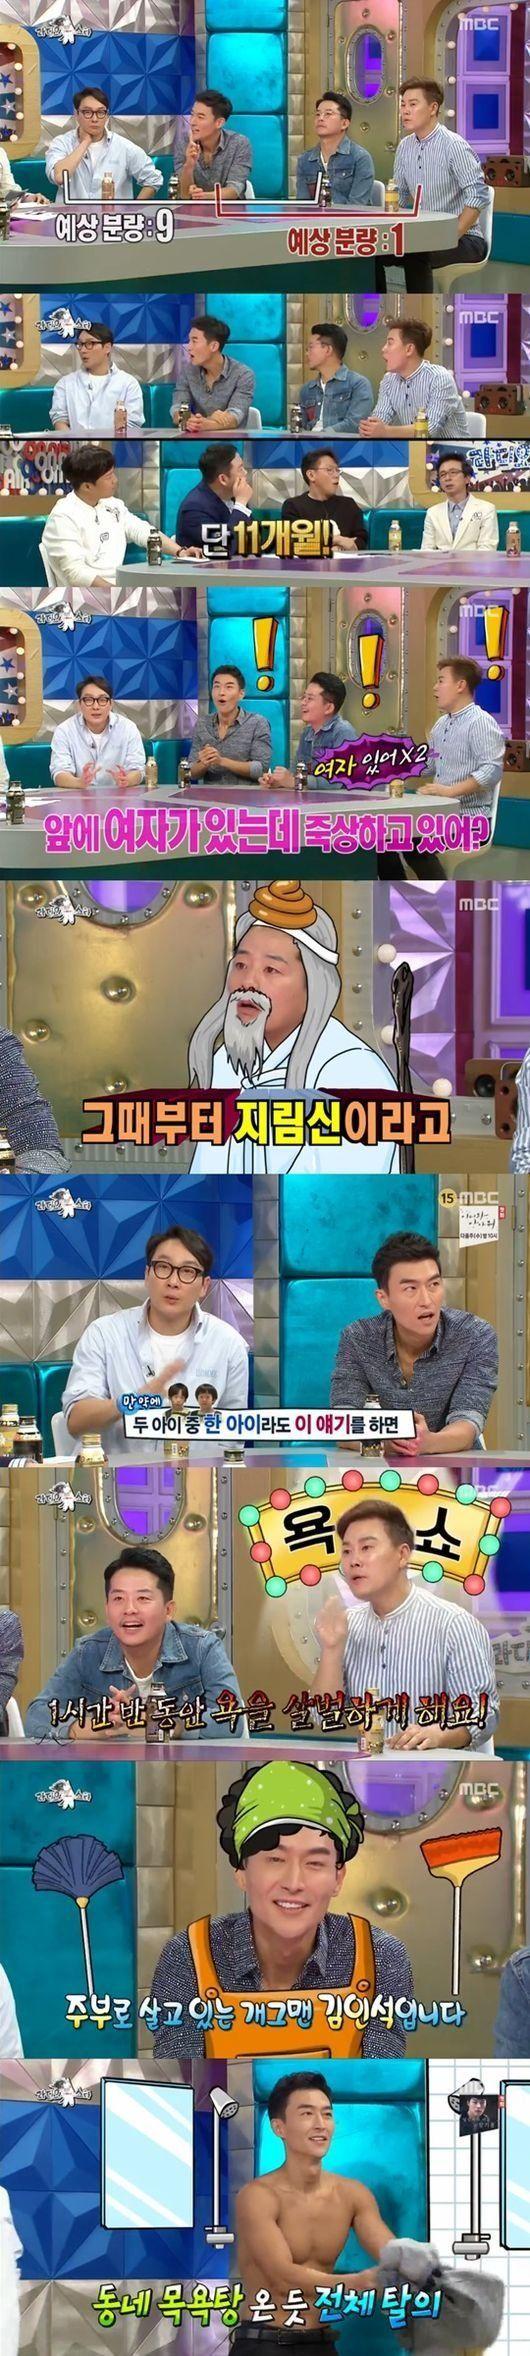 '라스' 이휘재에 김준호까지, '토크강박'이 불러온 '실화 홍수'